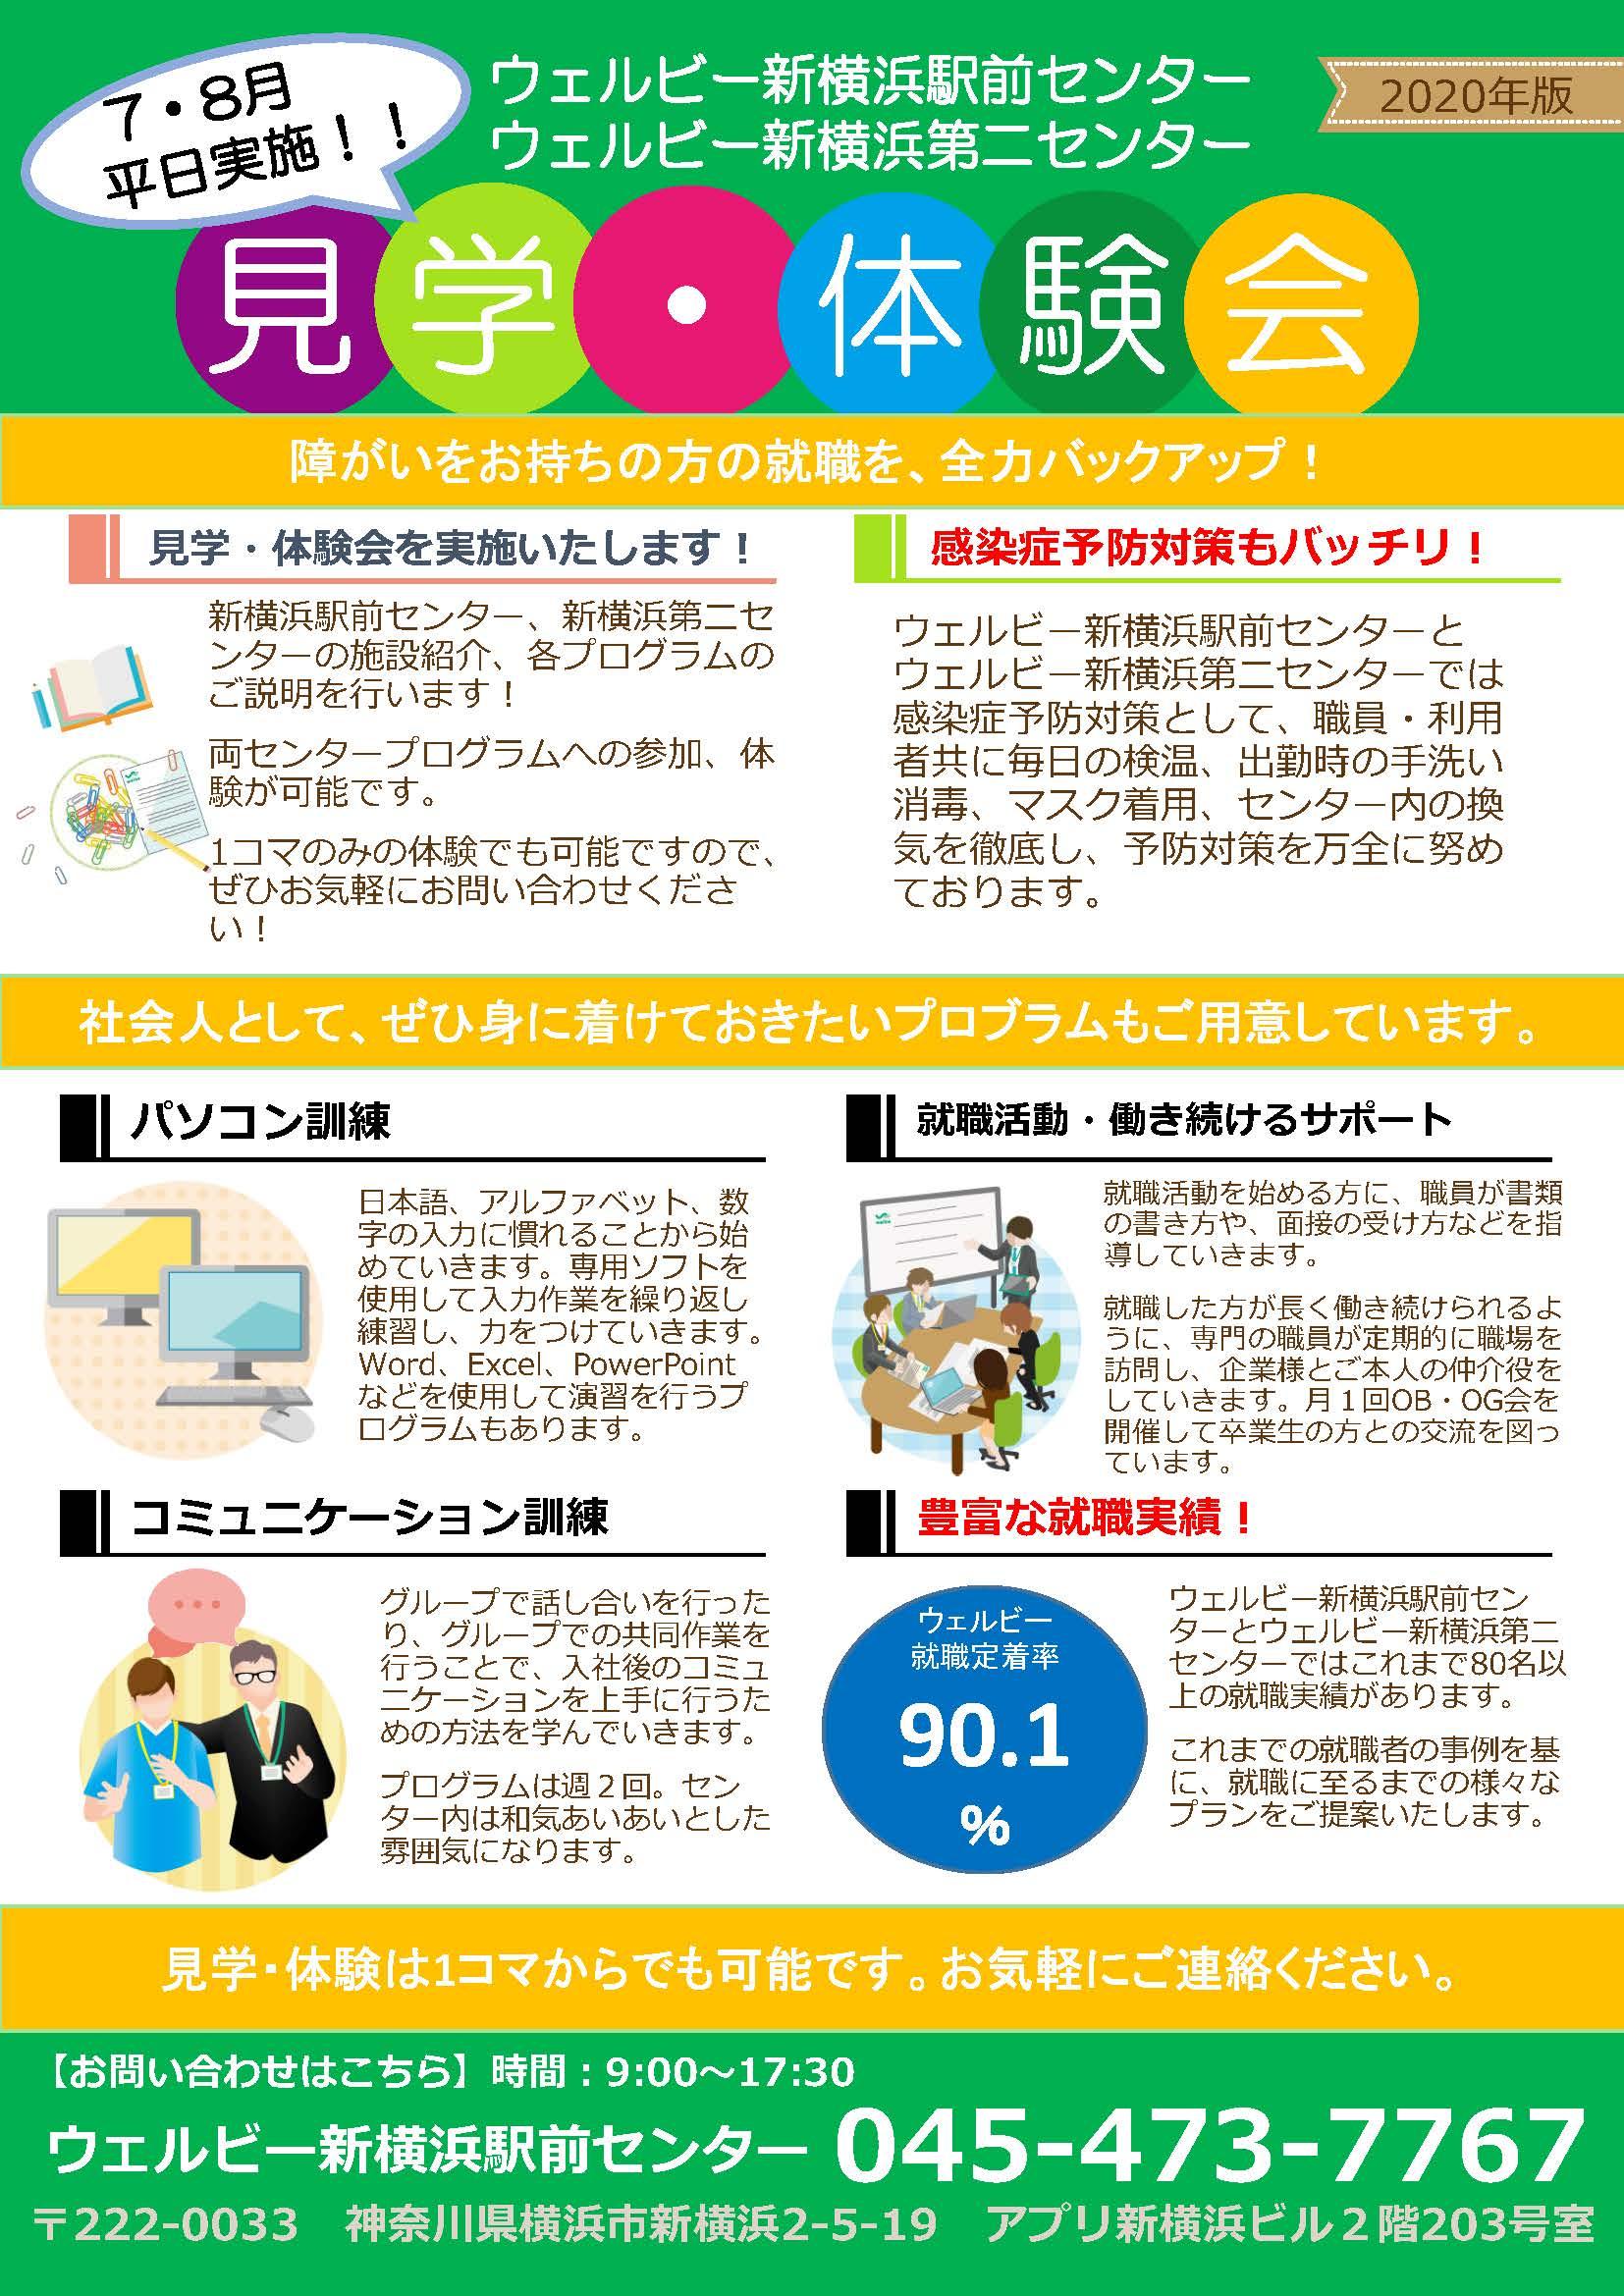 2C合同体験・見学2020.7-8月連絡先統一1_ページ_1